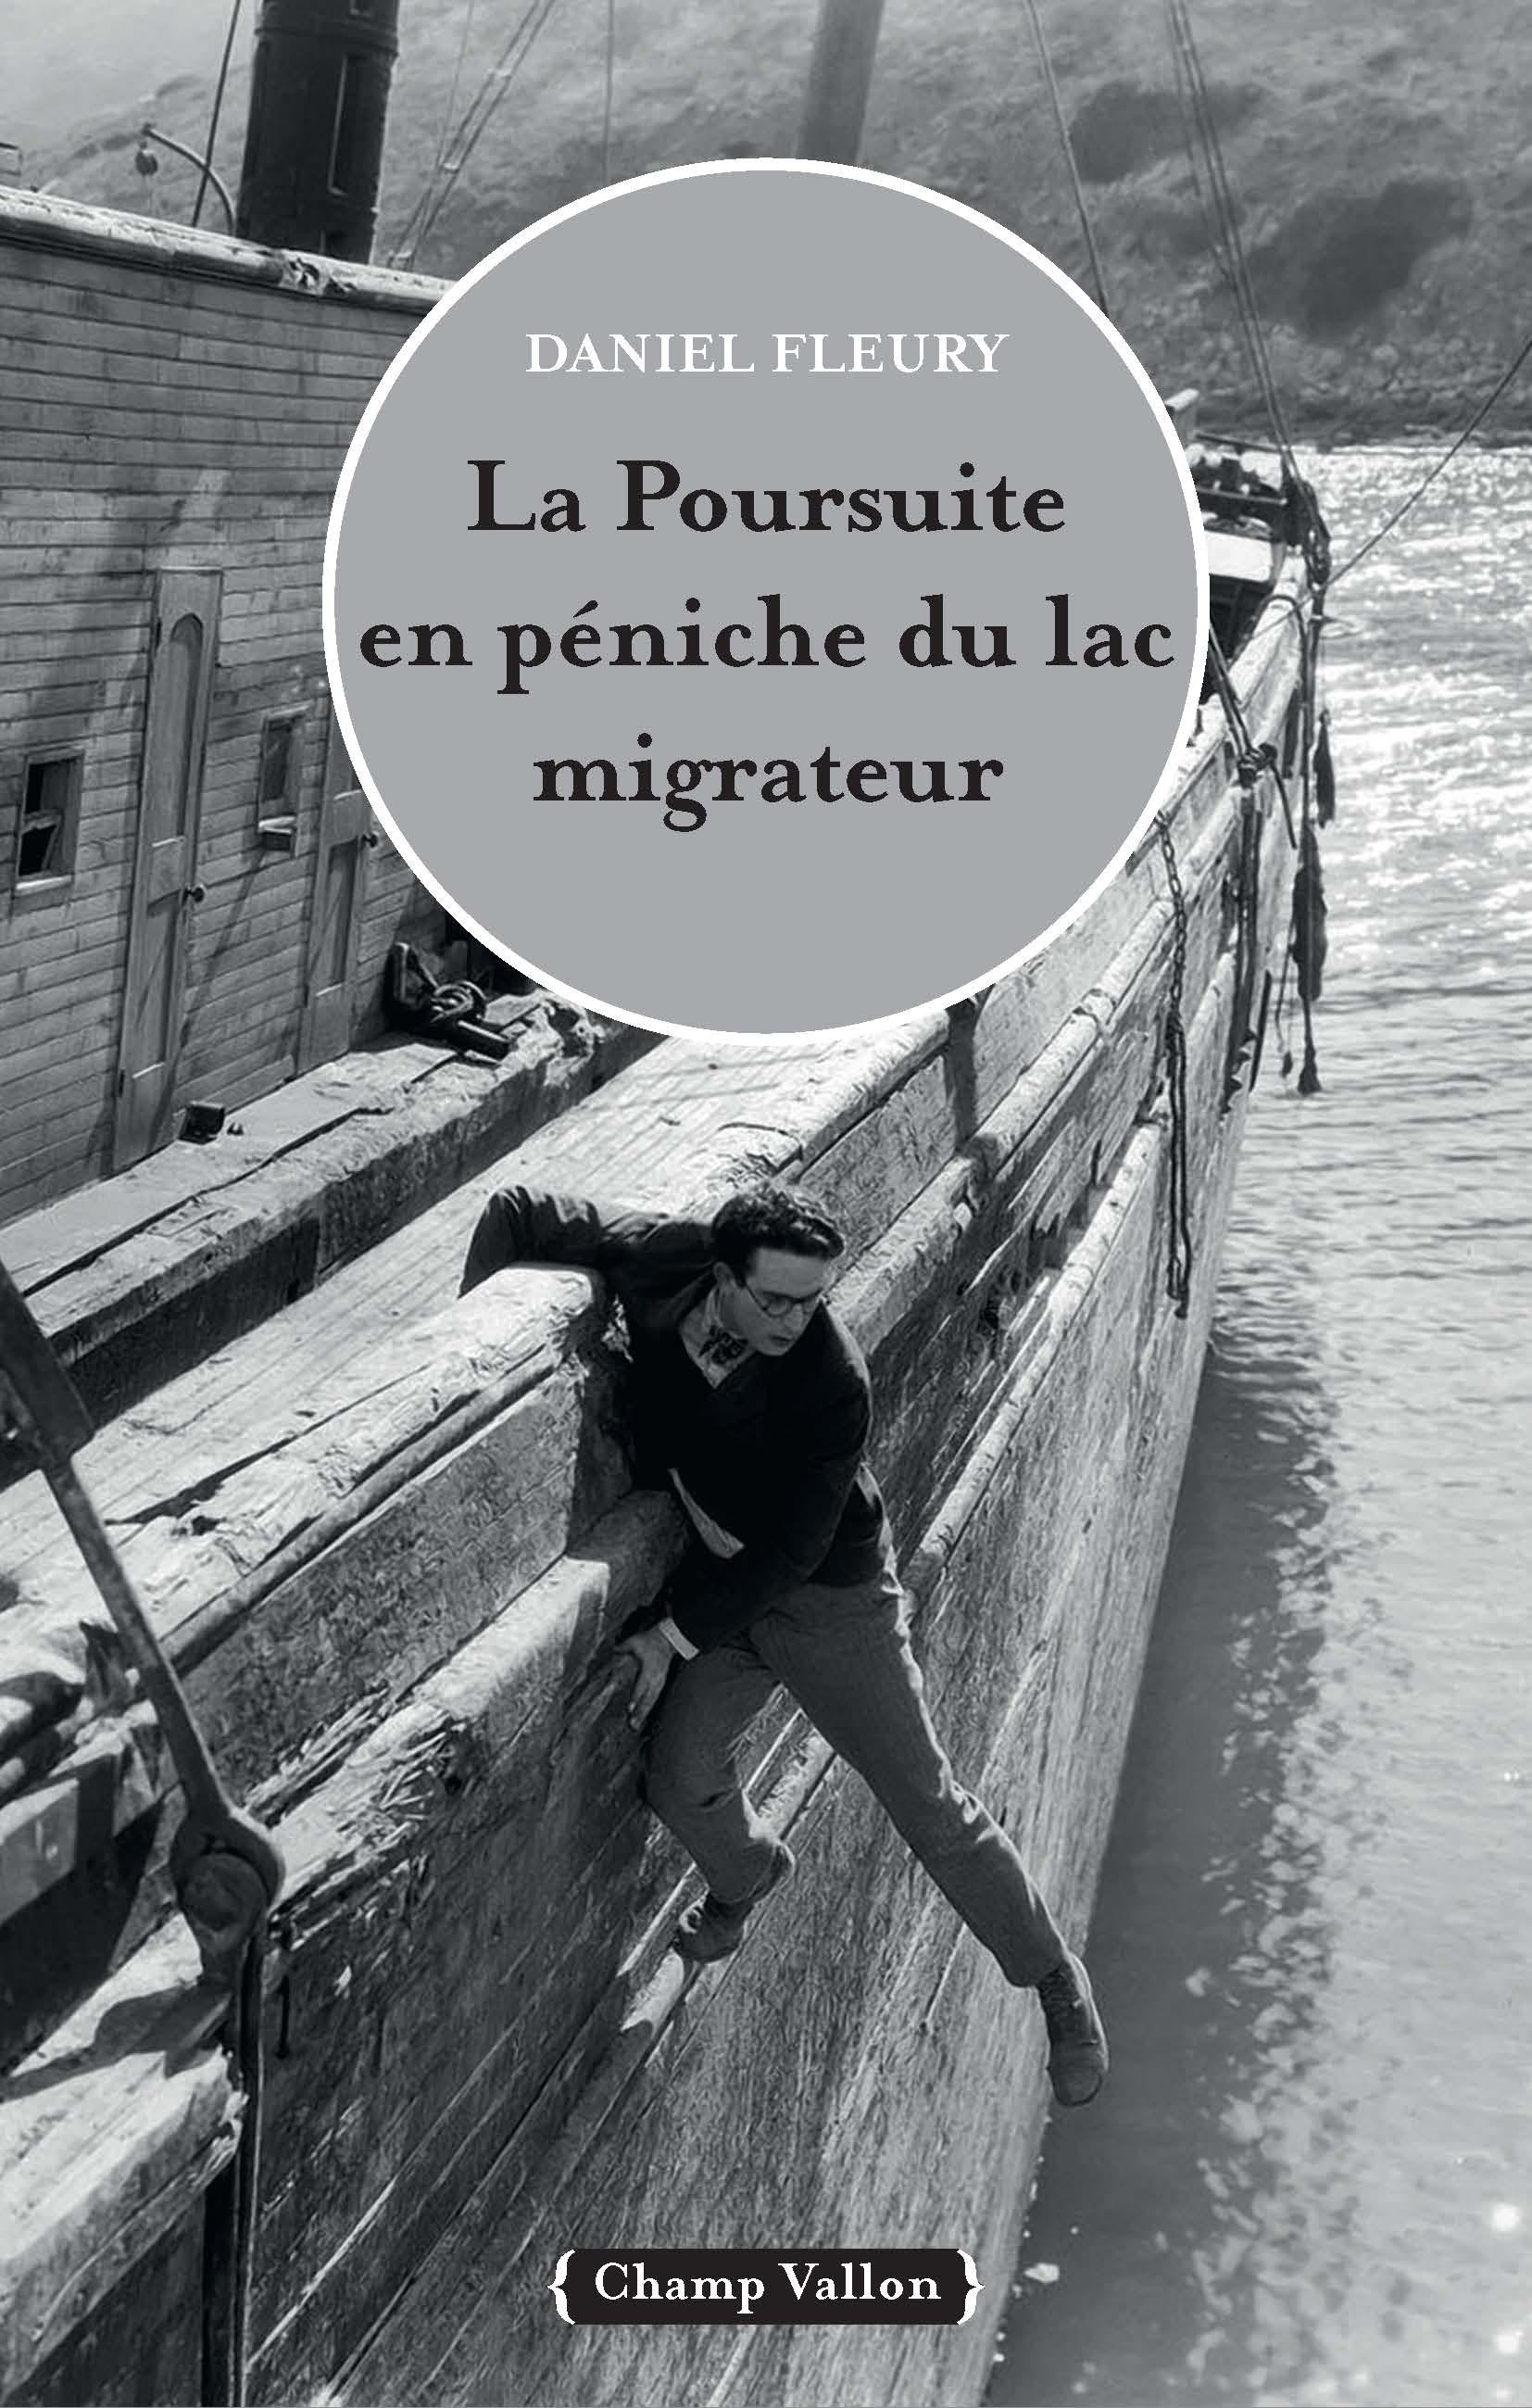 La poursuite en p?niche du lac migrateur